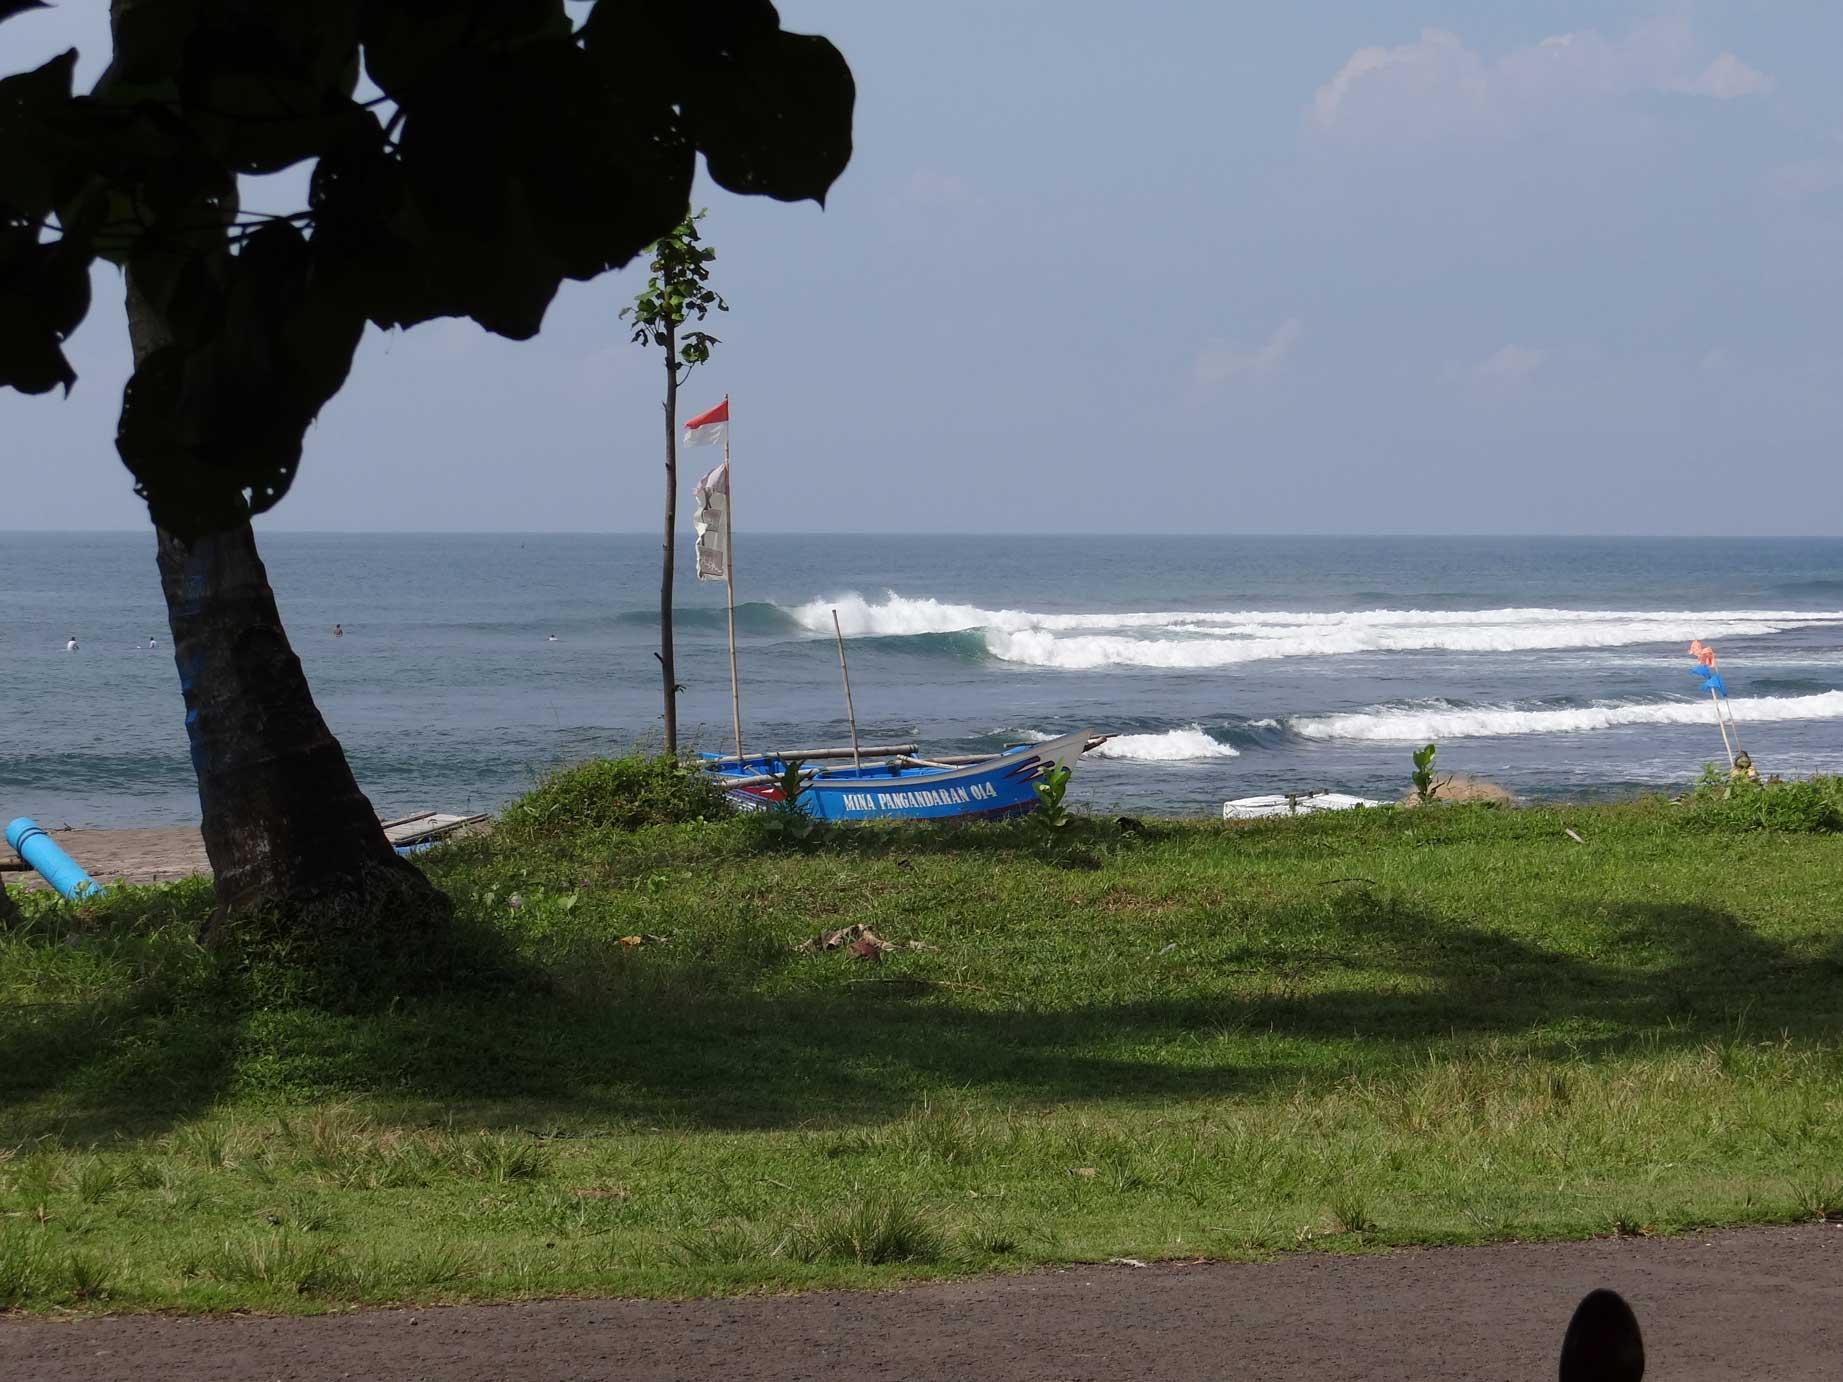 Ein Bild, das (fast) alles zeigt, was wir an Indonesien so lieben.